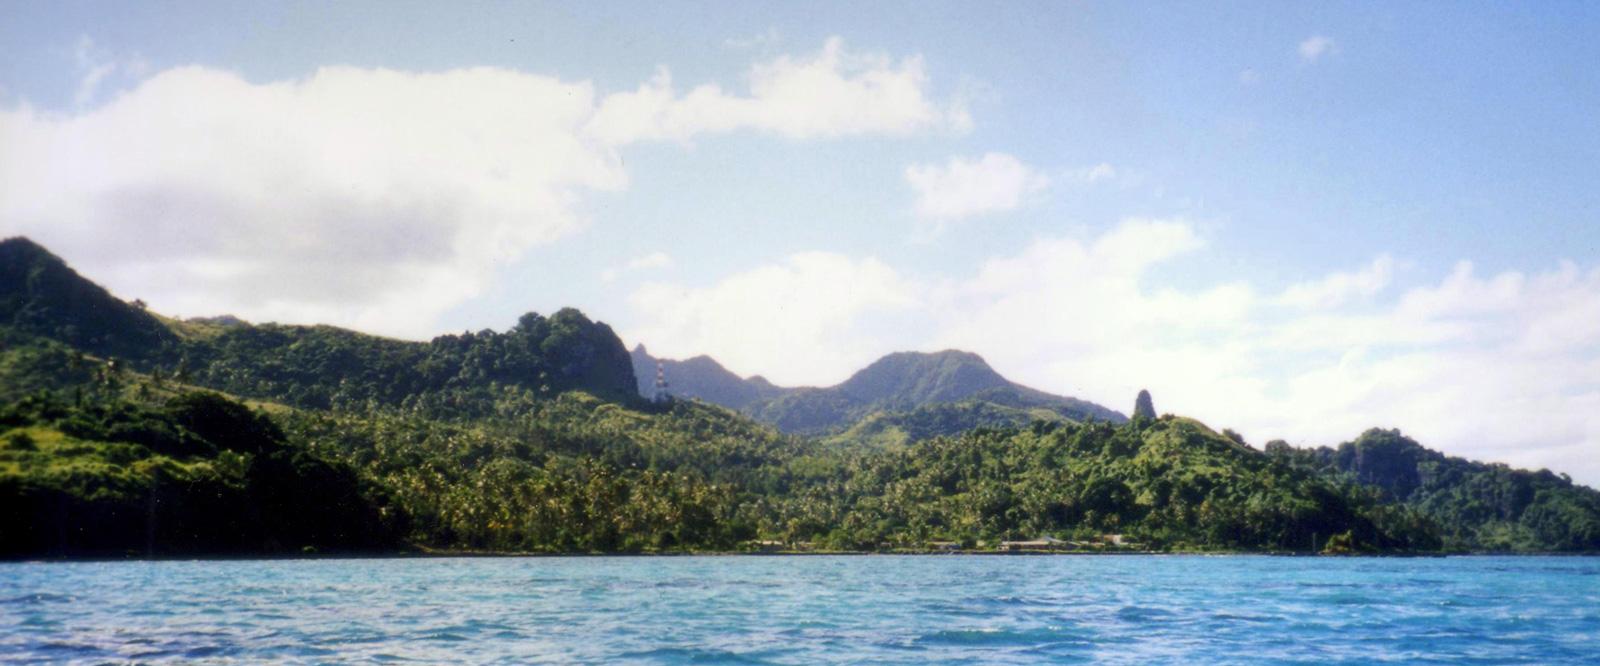 largest-islands-fiji